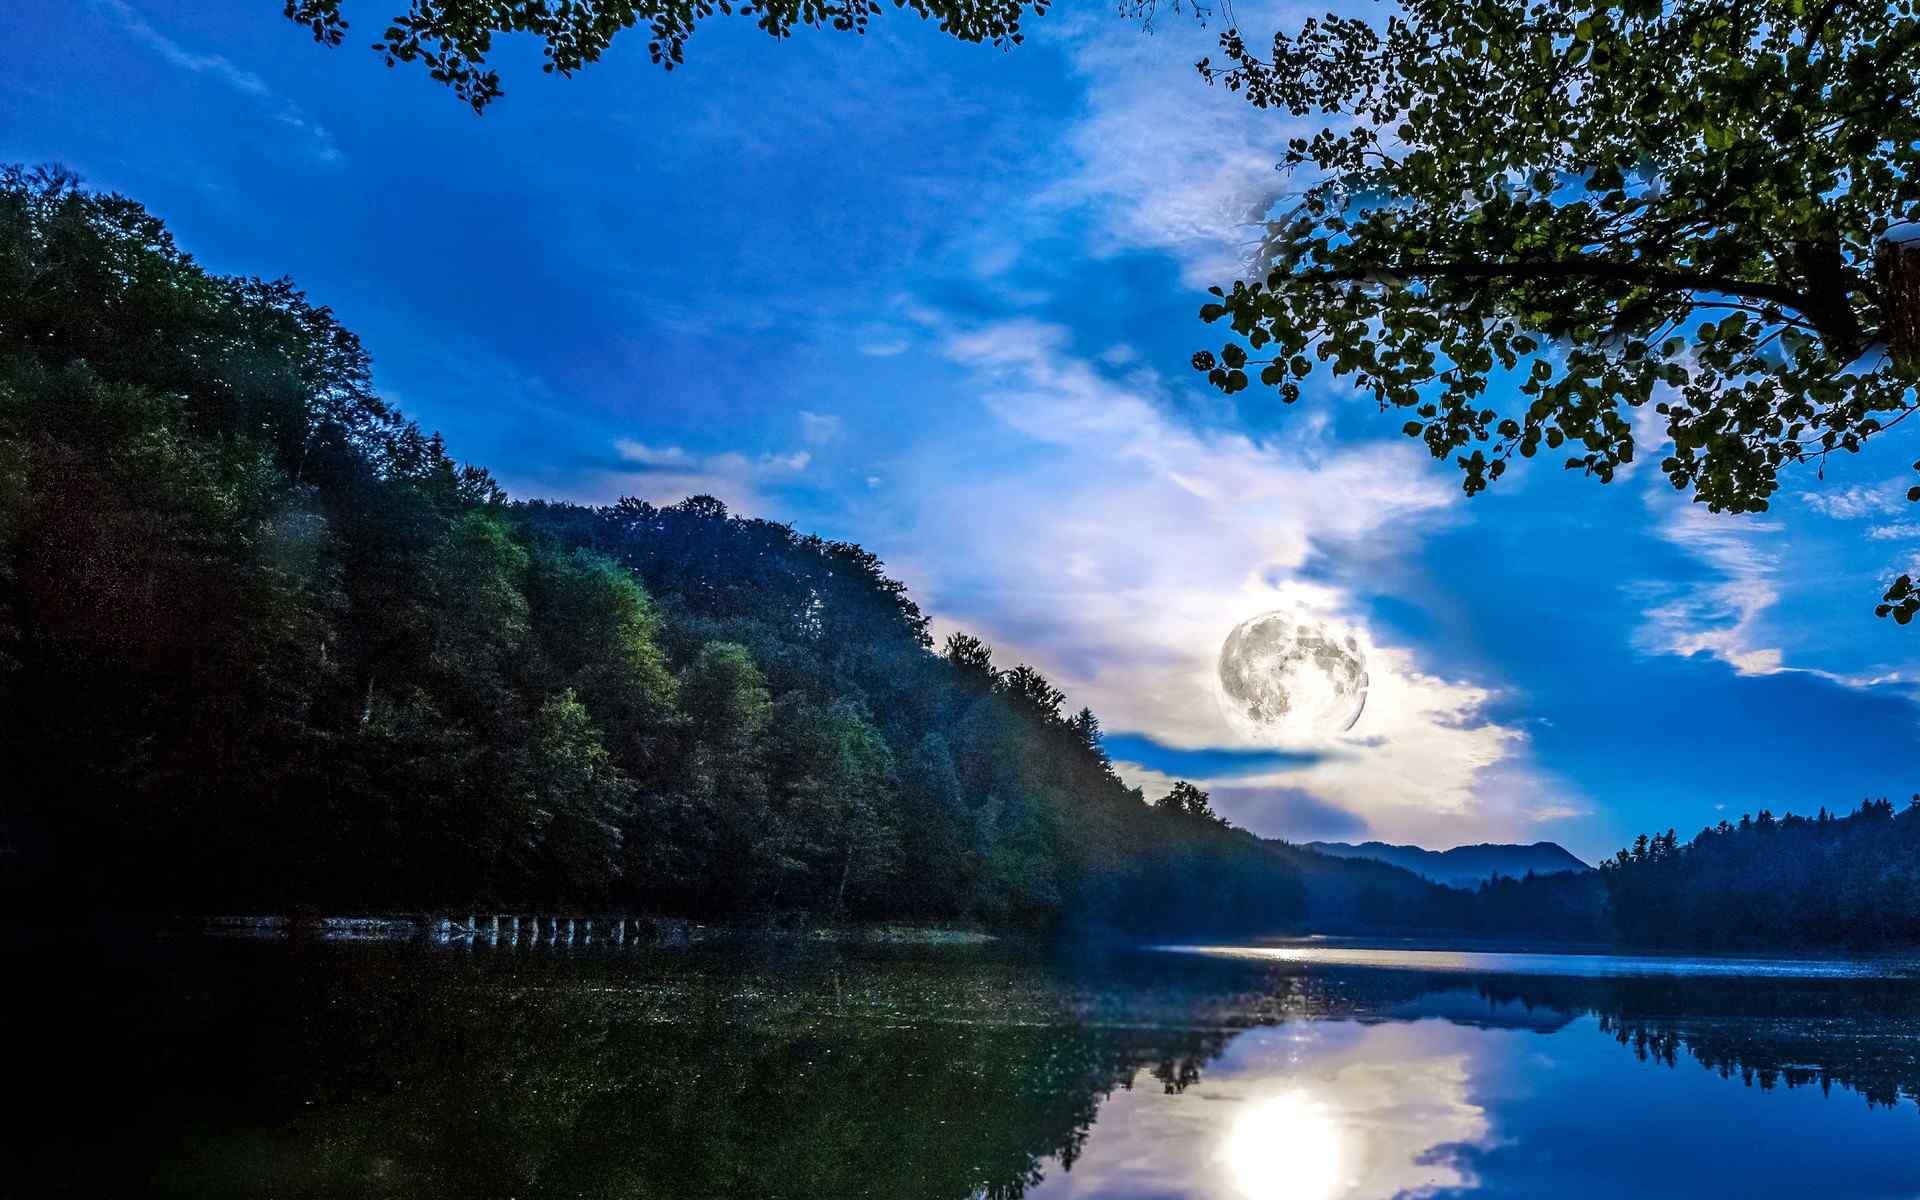 清新怡人的自然山水风景高清电脑壁纸